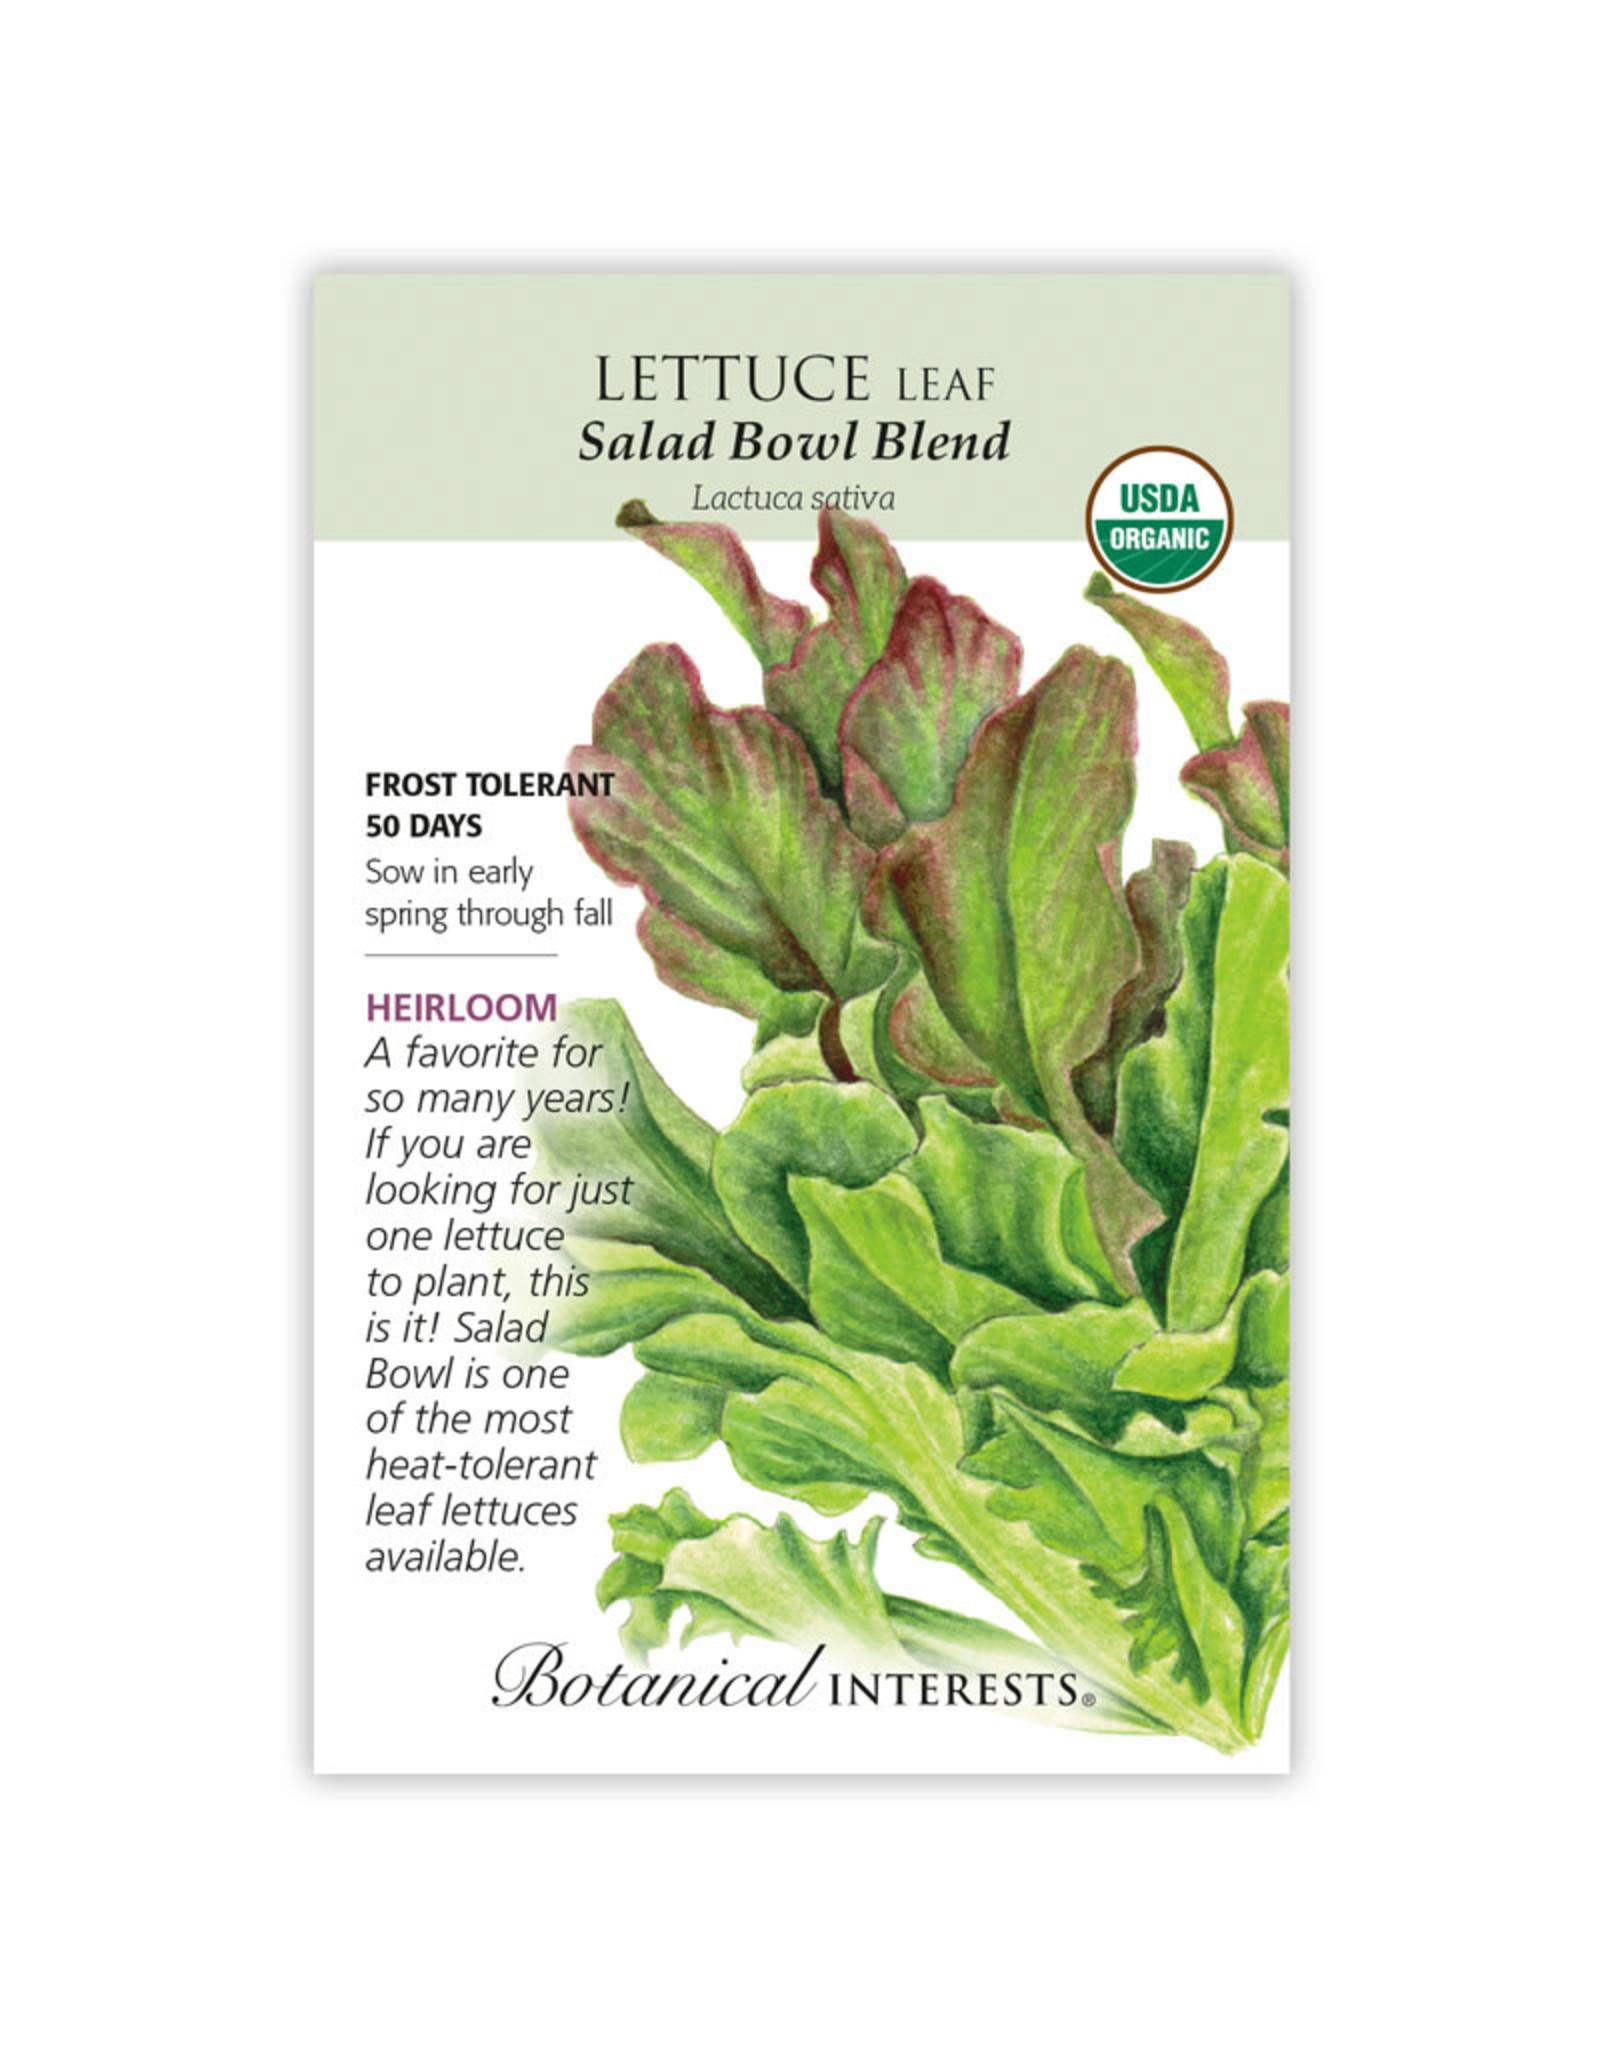 Seeds - Lettuce Leaf Salad Bowl Blend Organic